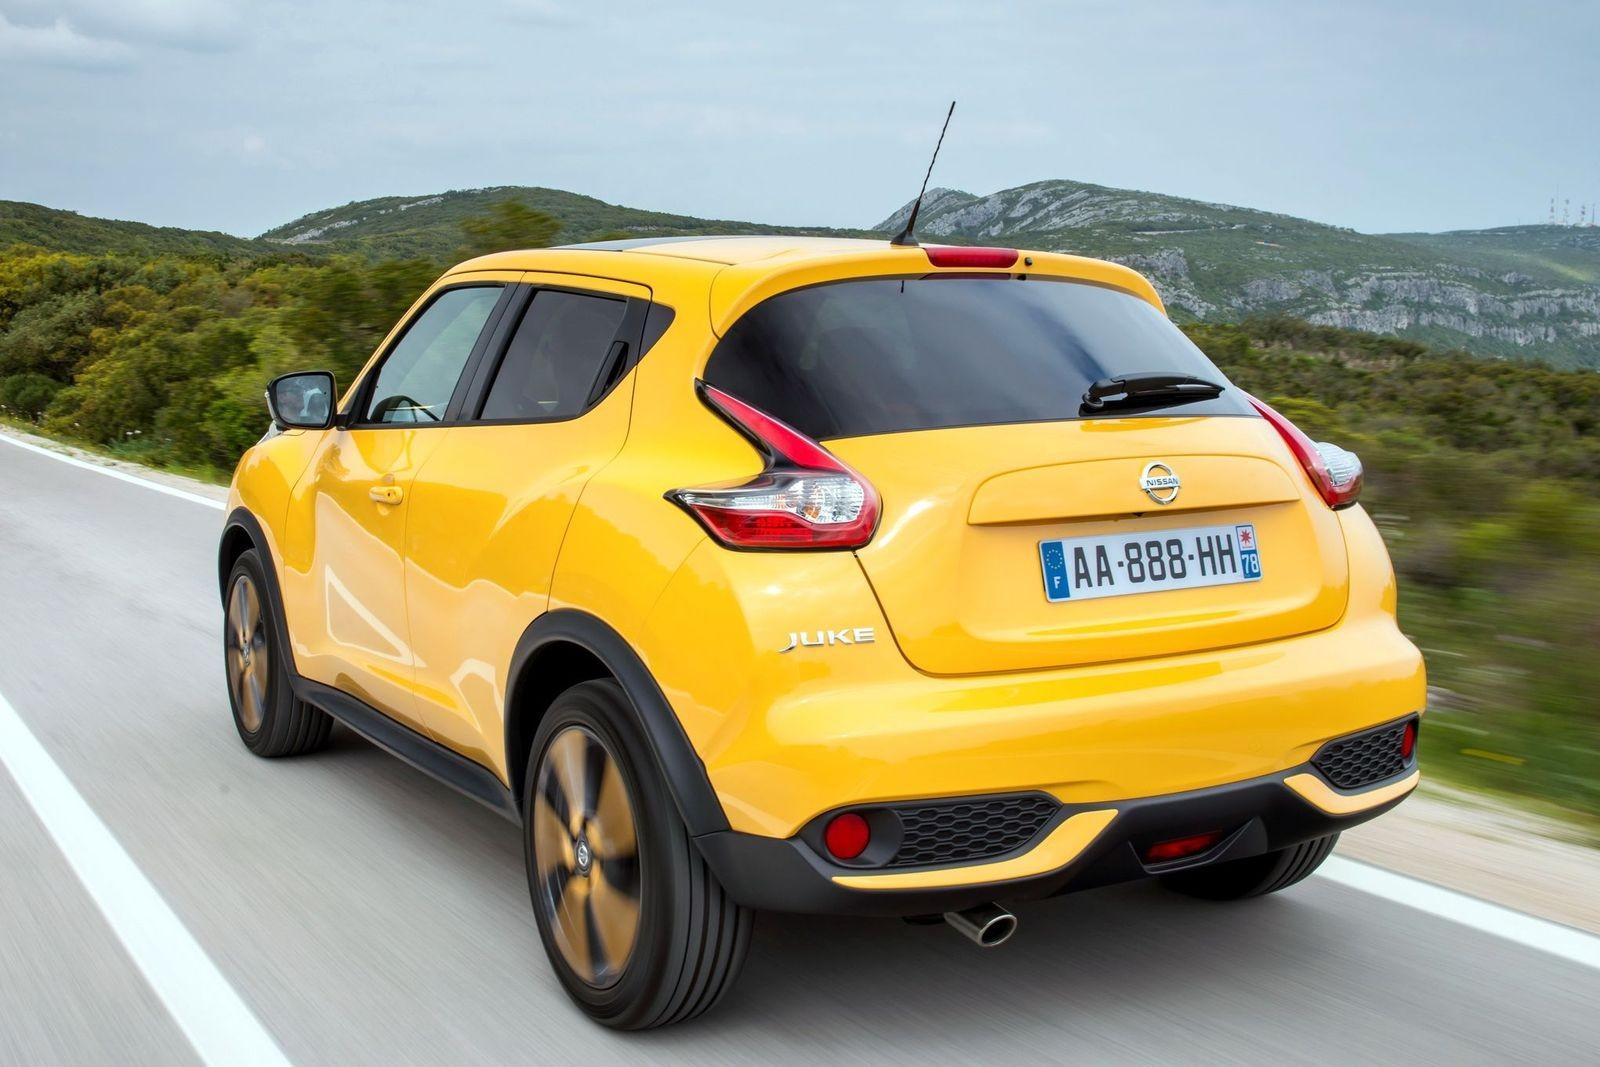 Купить бу Nissan Juke I вУфе, продажа автомобилей Ниссан Джук I с пробегом на сайте - Авто.ру